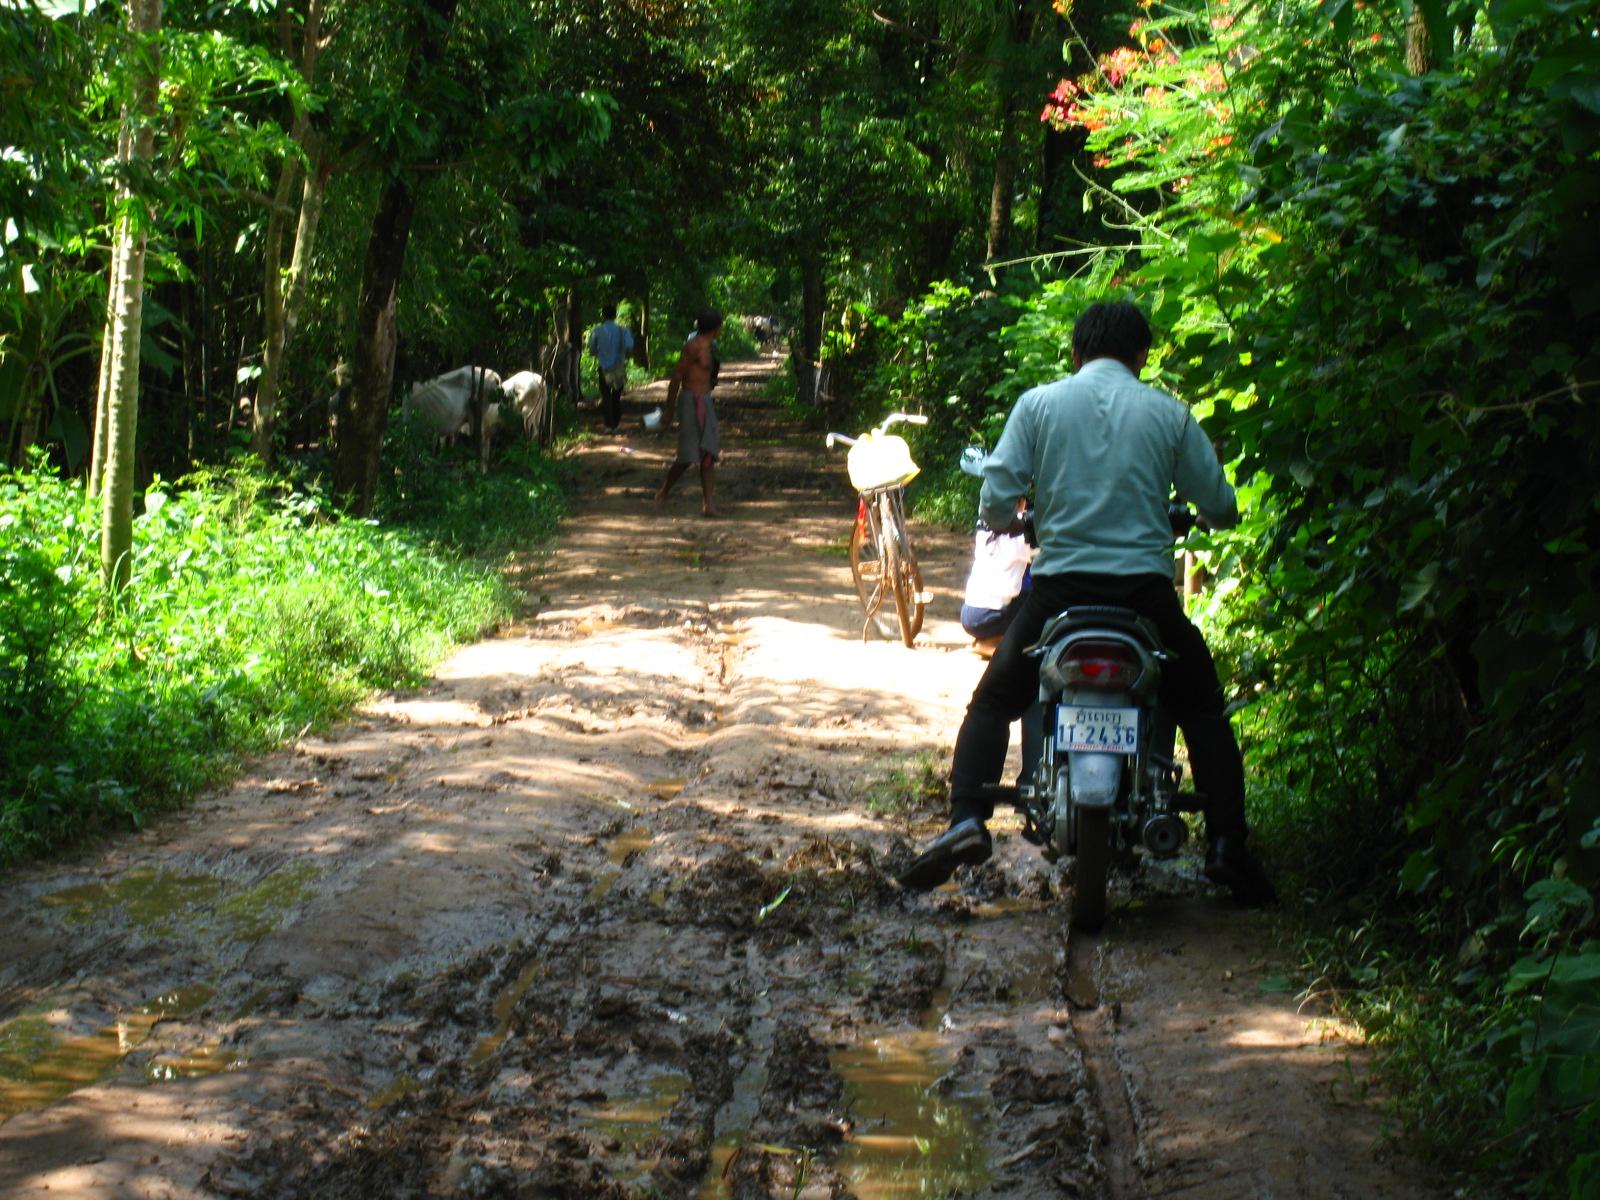 S'Ang roads